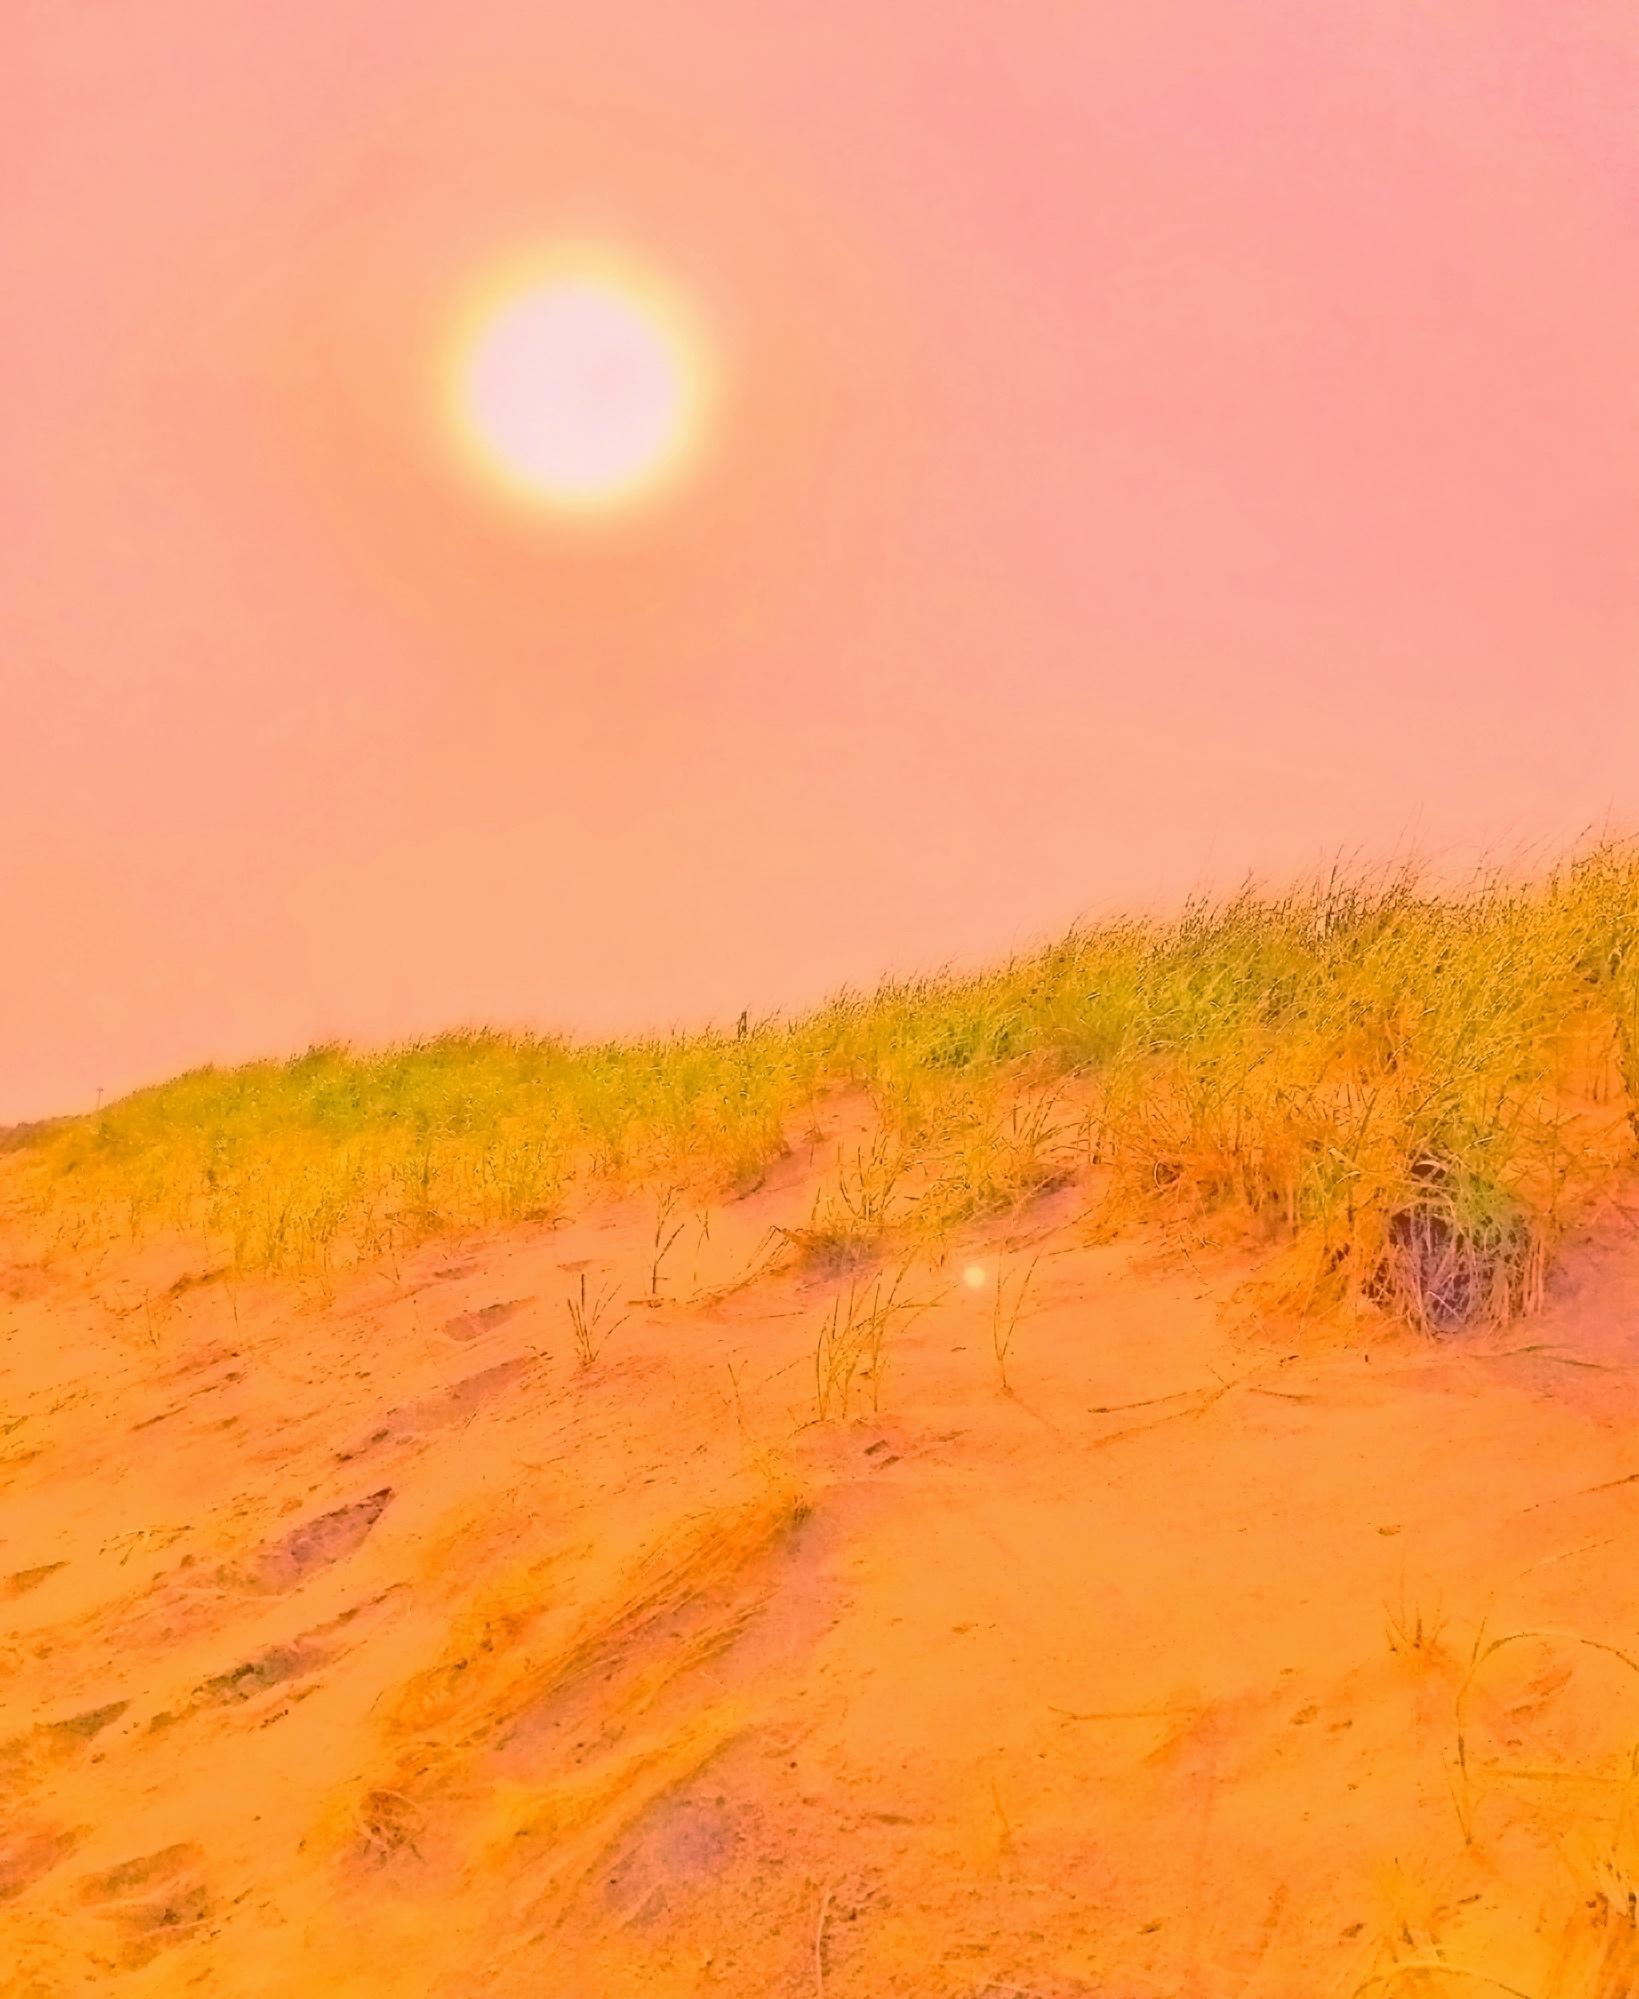 sunset-IMG_2443sq.jpg